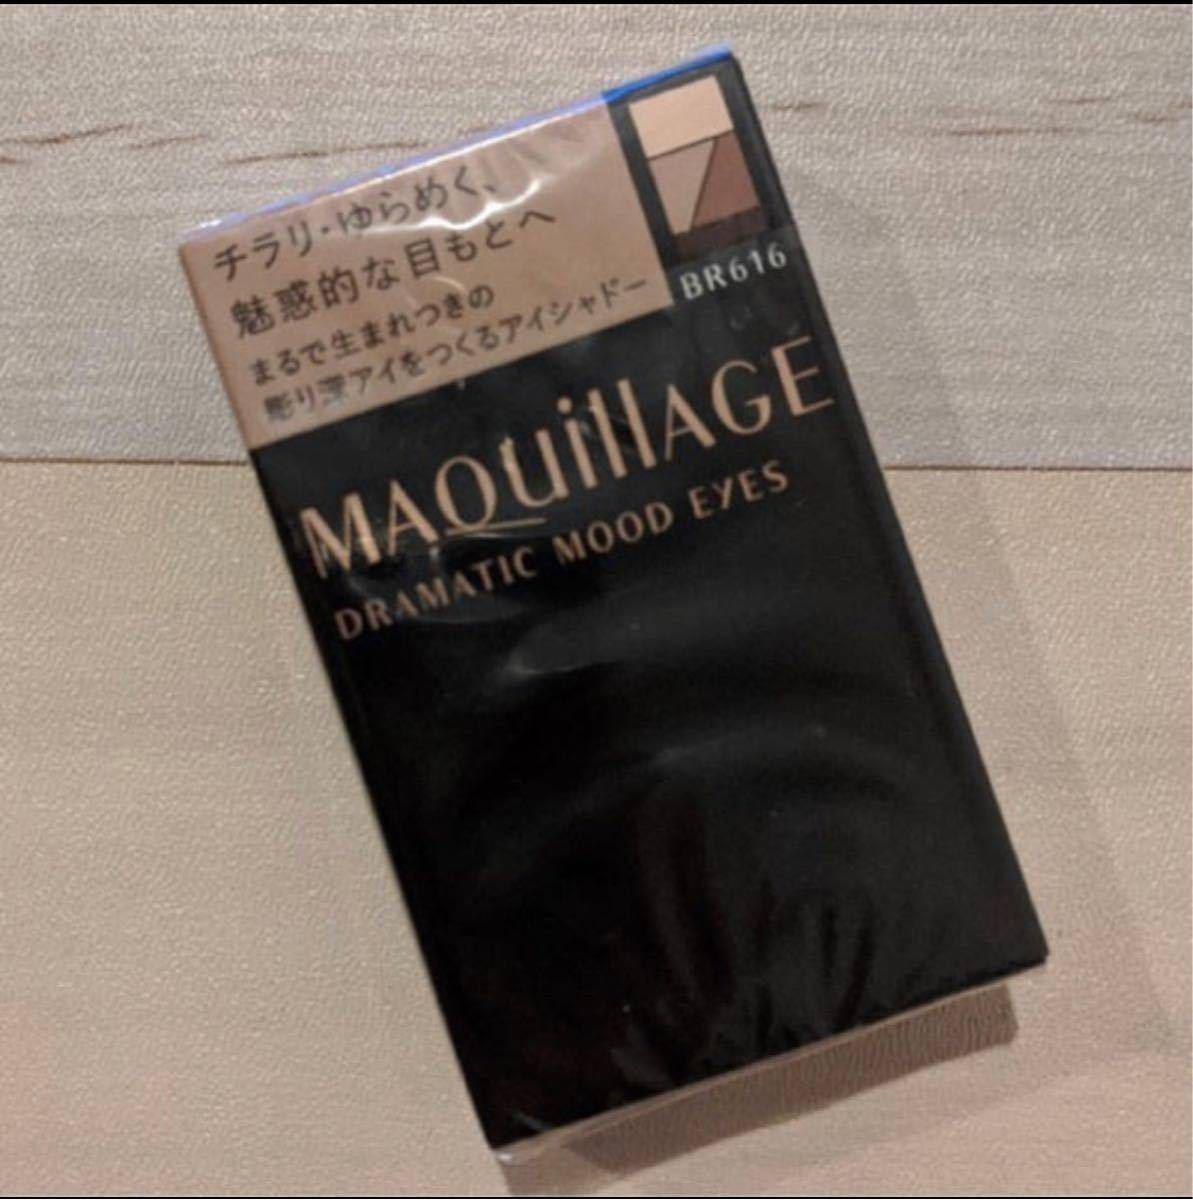 新品 マキアージュ ドラマティックムードアイズ BR616 アイシャドウ